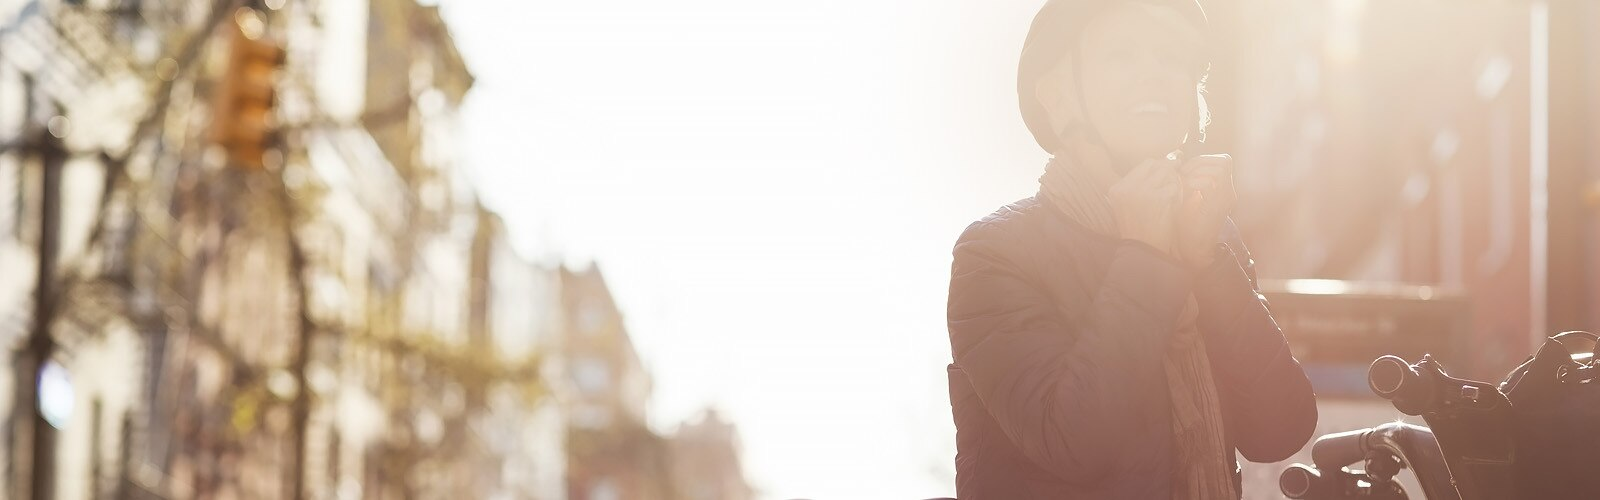 Šťastná zralá žena stojí ve města u kola a nasazuje si helmu